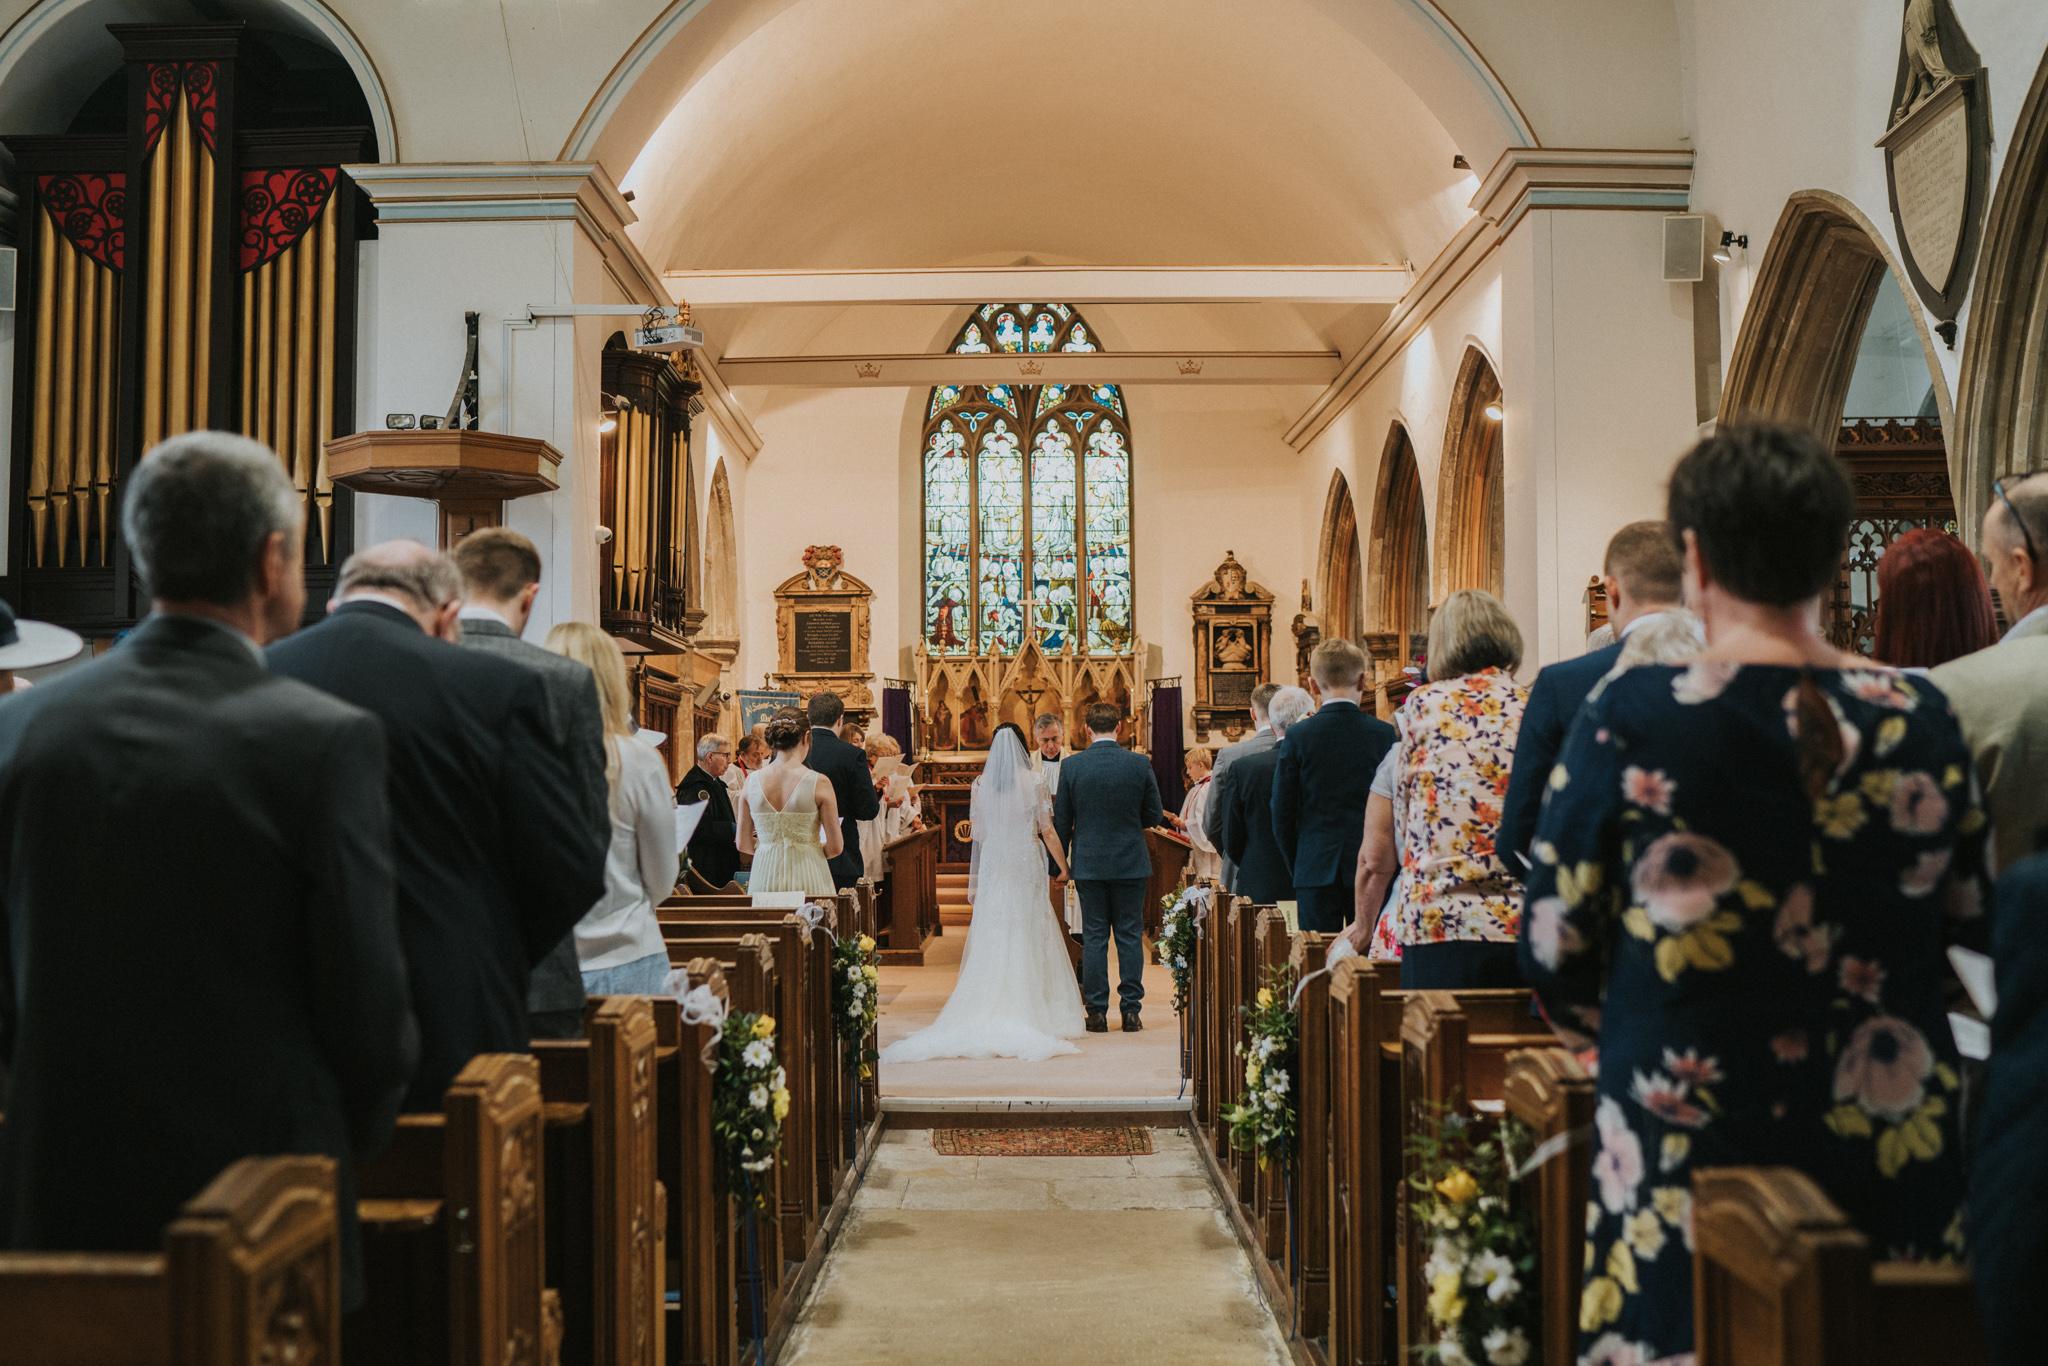 anne-charlie-maldon-all-saints-church-wedding-intimate-wedding-grace-elizabeth-colchester-essex-alternative-wedding-lifestyle-photographer-colchester-essex-suffolk-norfolk-devon (9 of 17).jpg